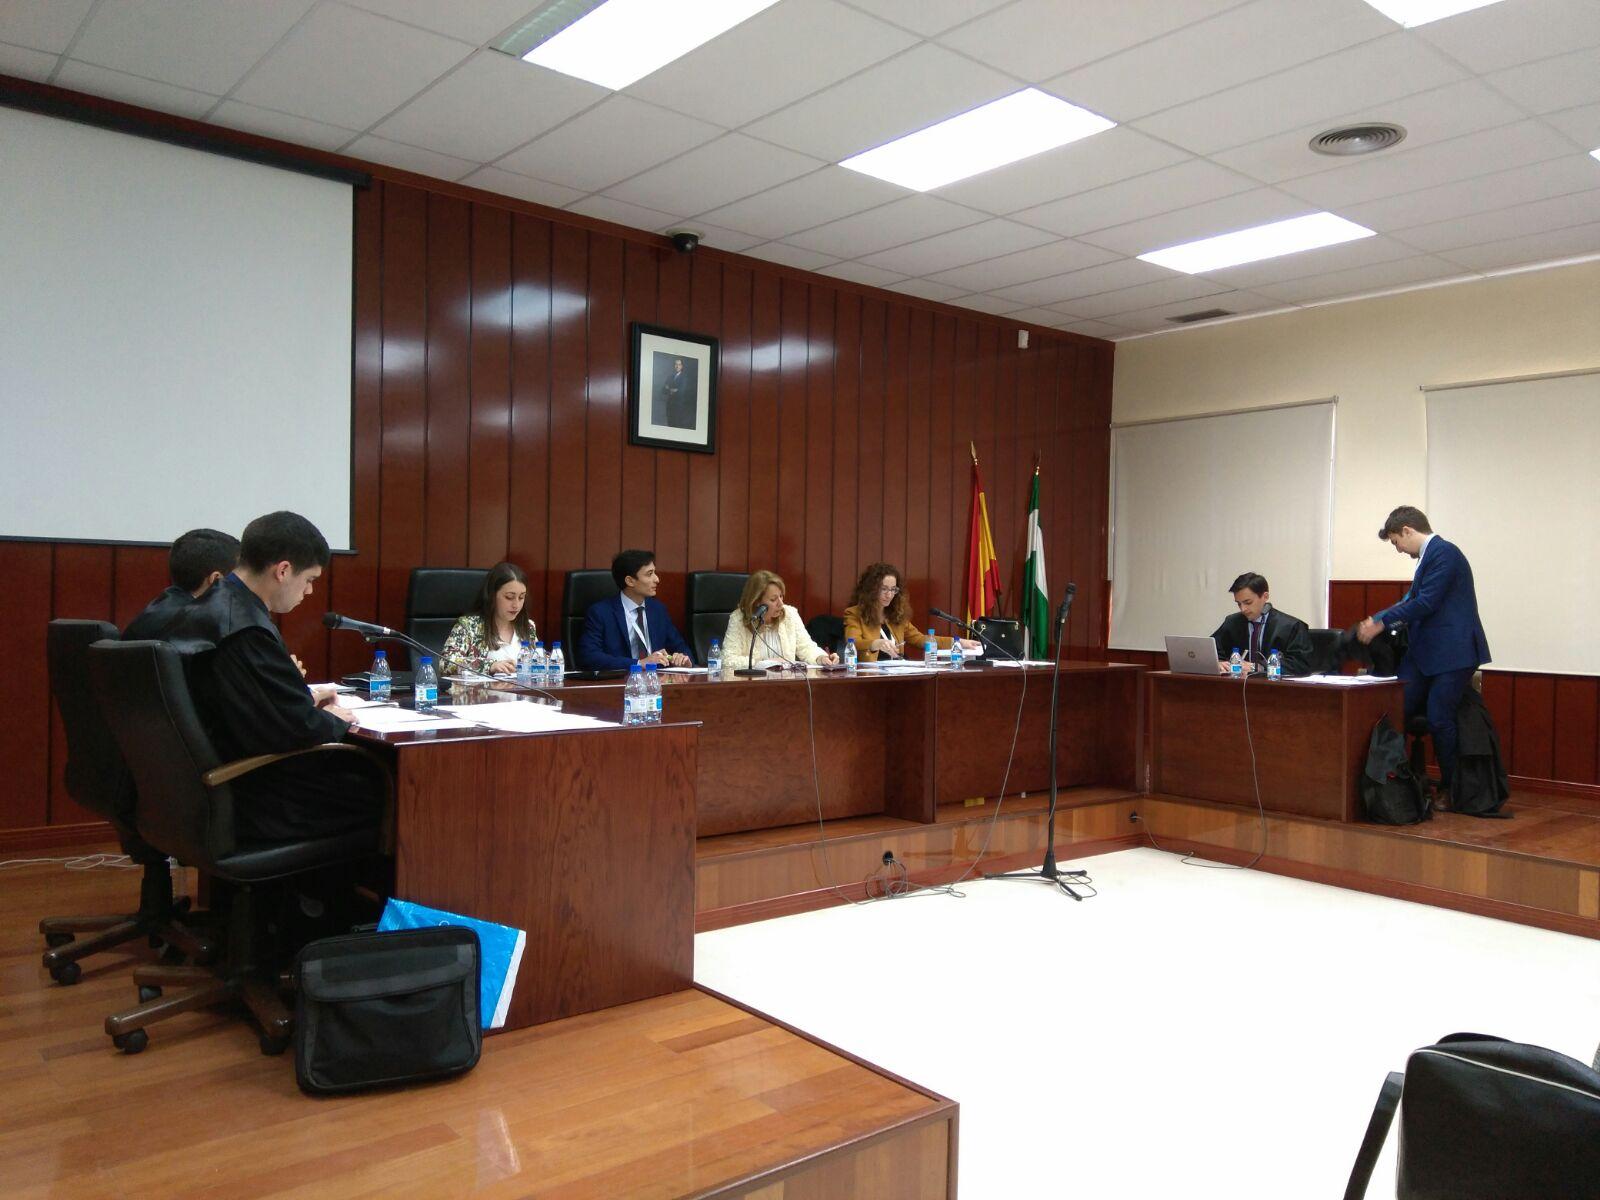 Estudiantes de Derecho hacen una simulación judicial en la que participan más de 33 estudiantes